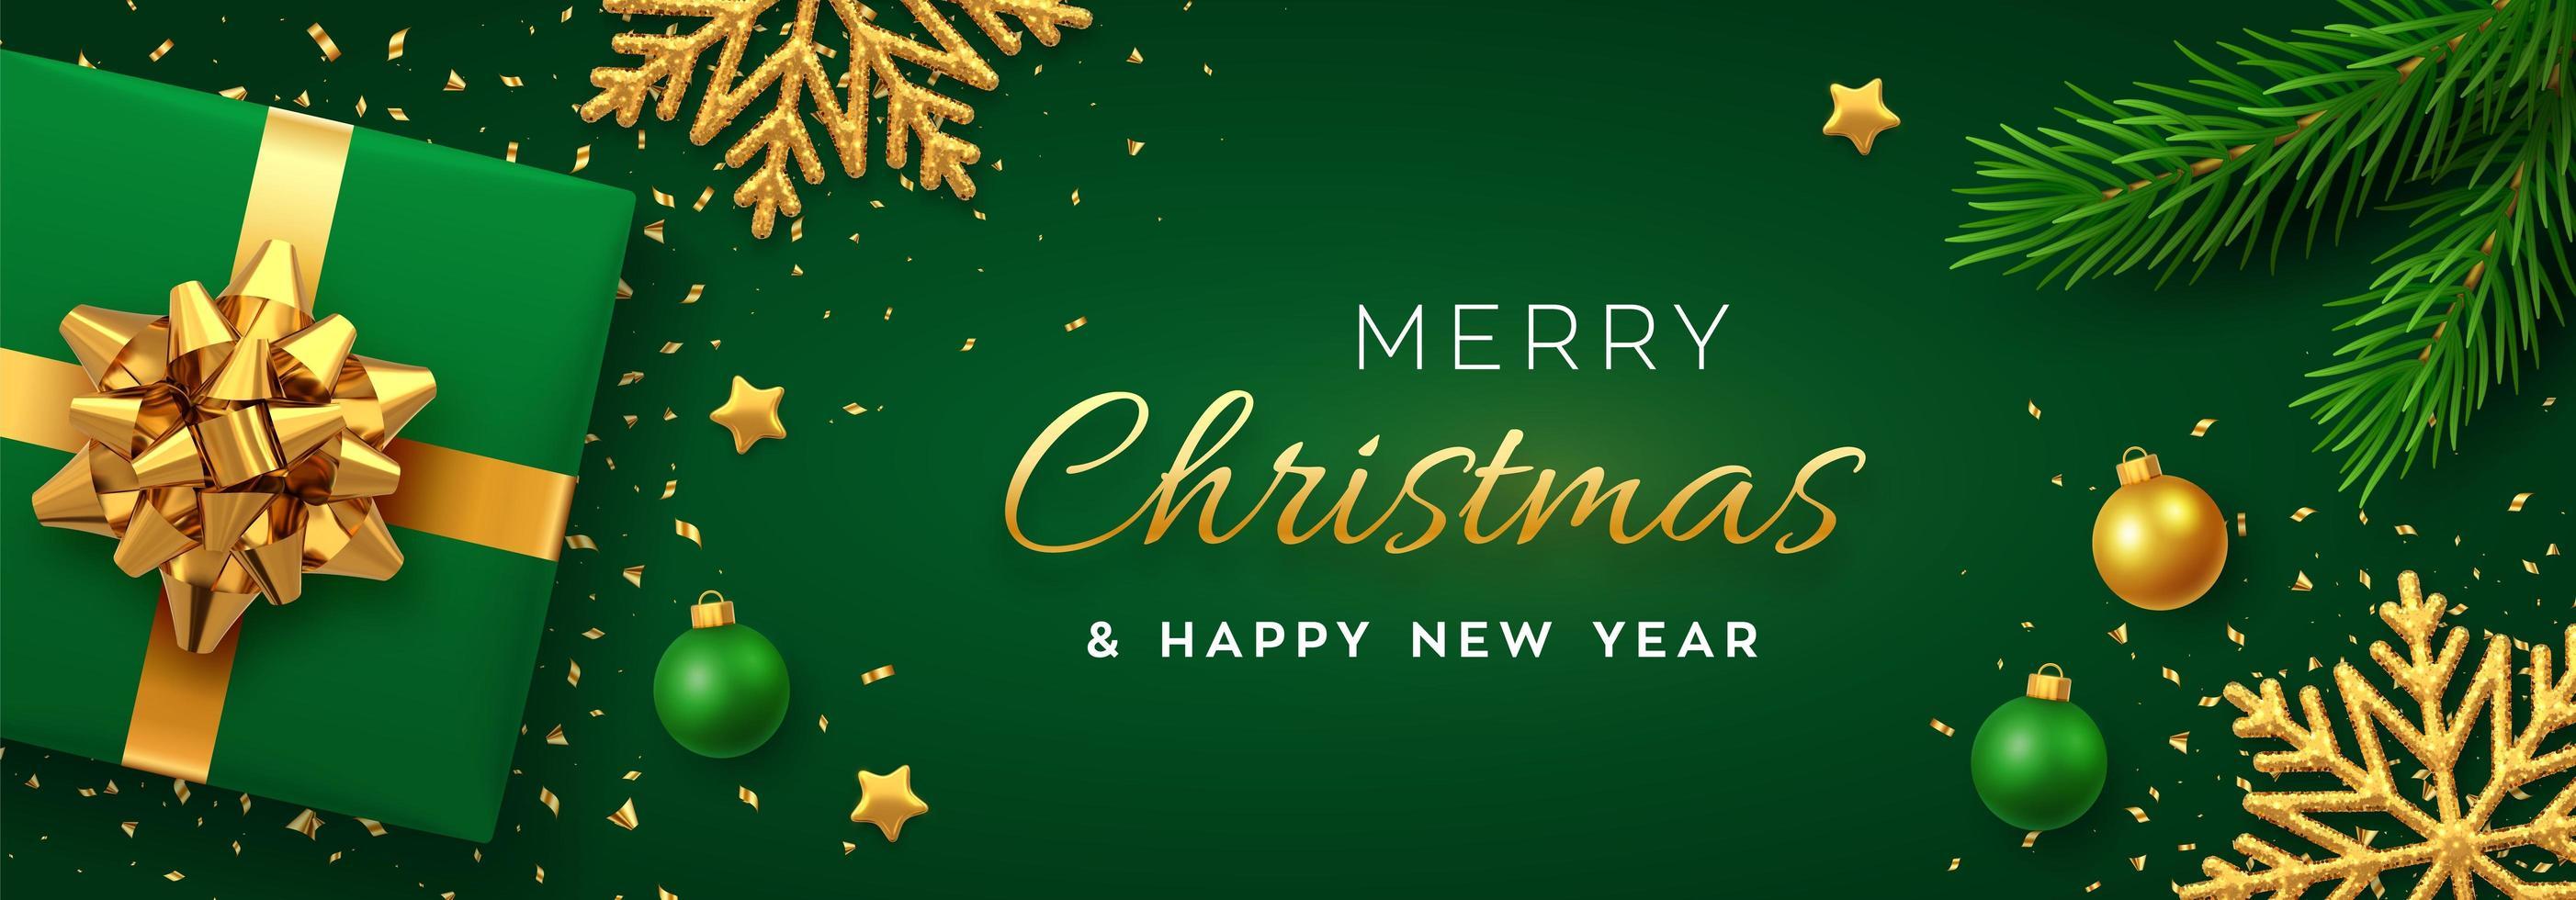 grünes und goldenes Weihnachtsbanner mit Schneeflocken und Geschenk vektor